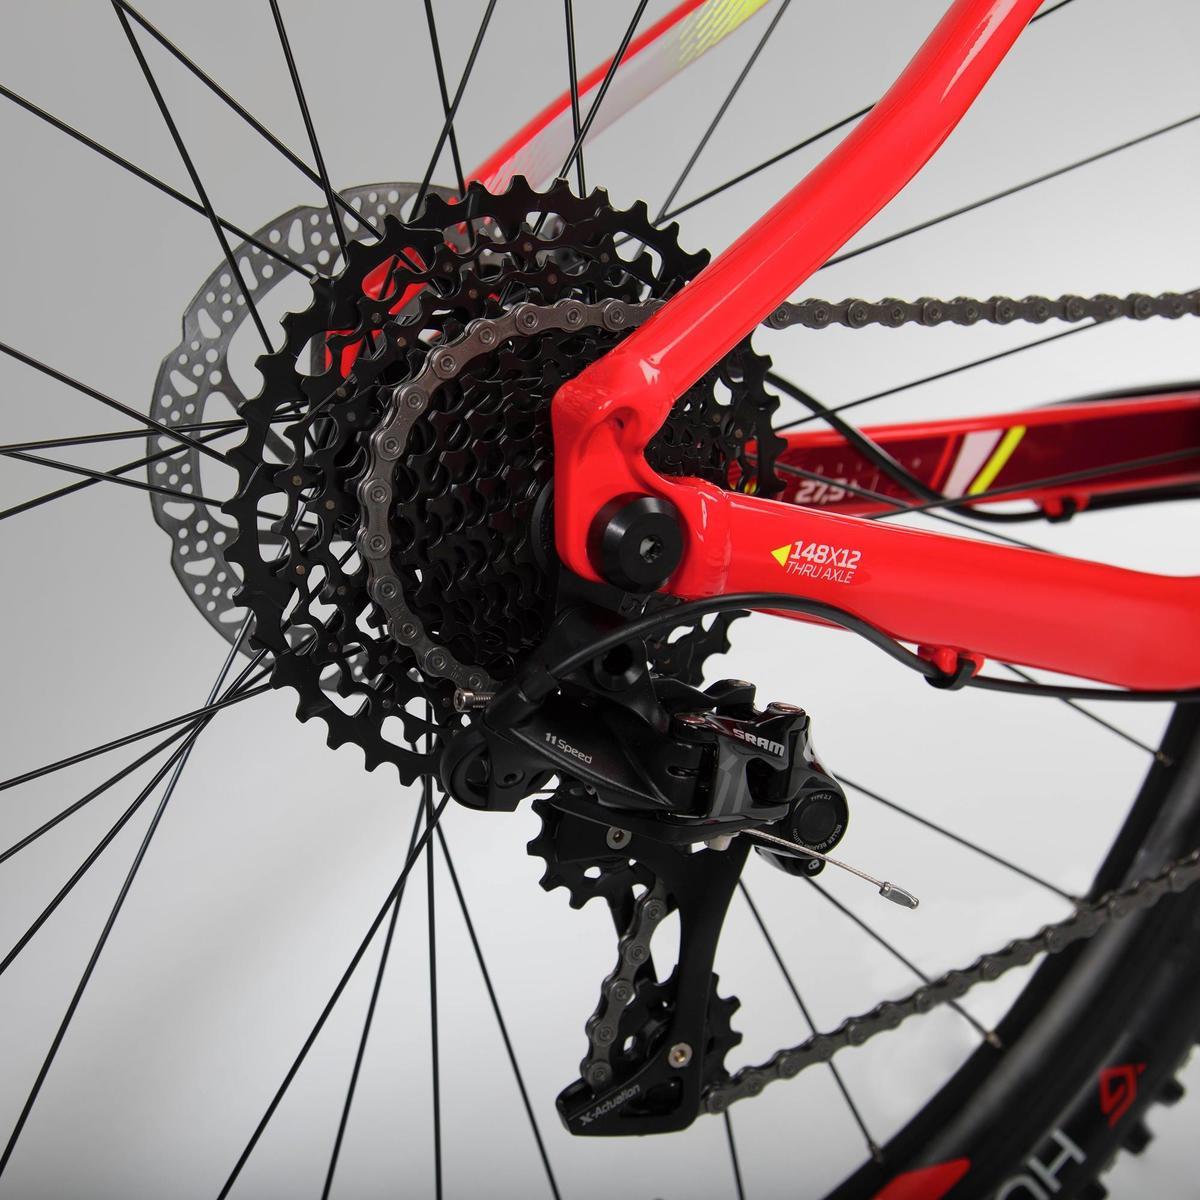 Bild 3 von Mountainbike XC 500 27,5 rot